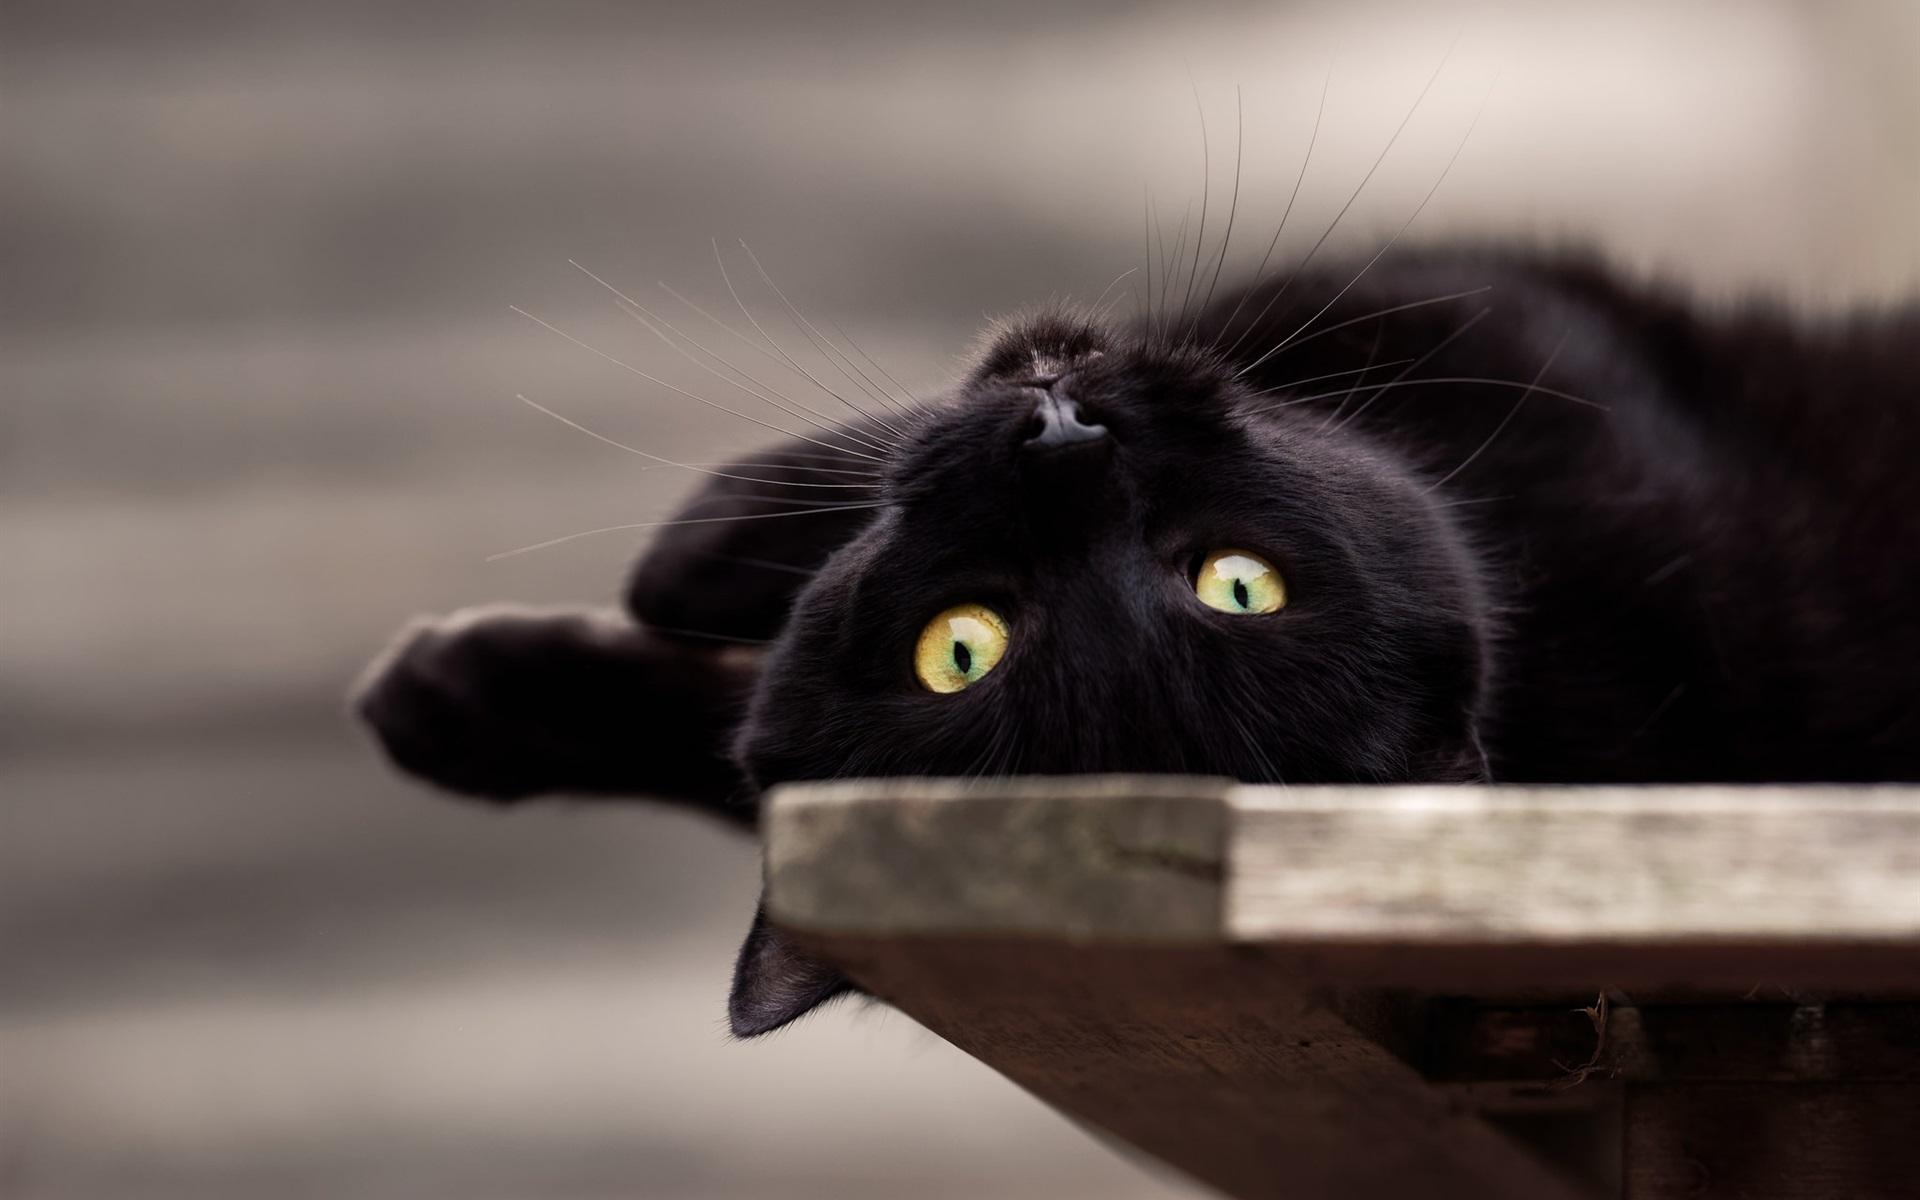 цены черные кошки картинки на обоях серию картинок для